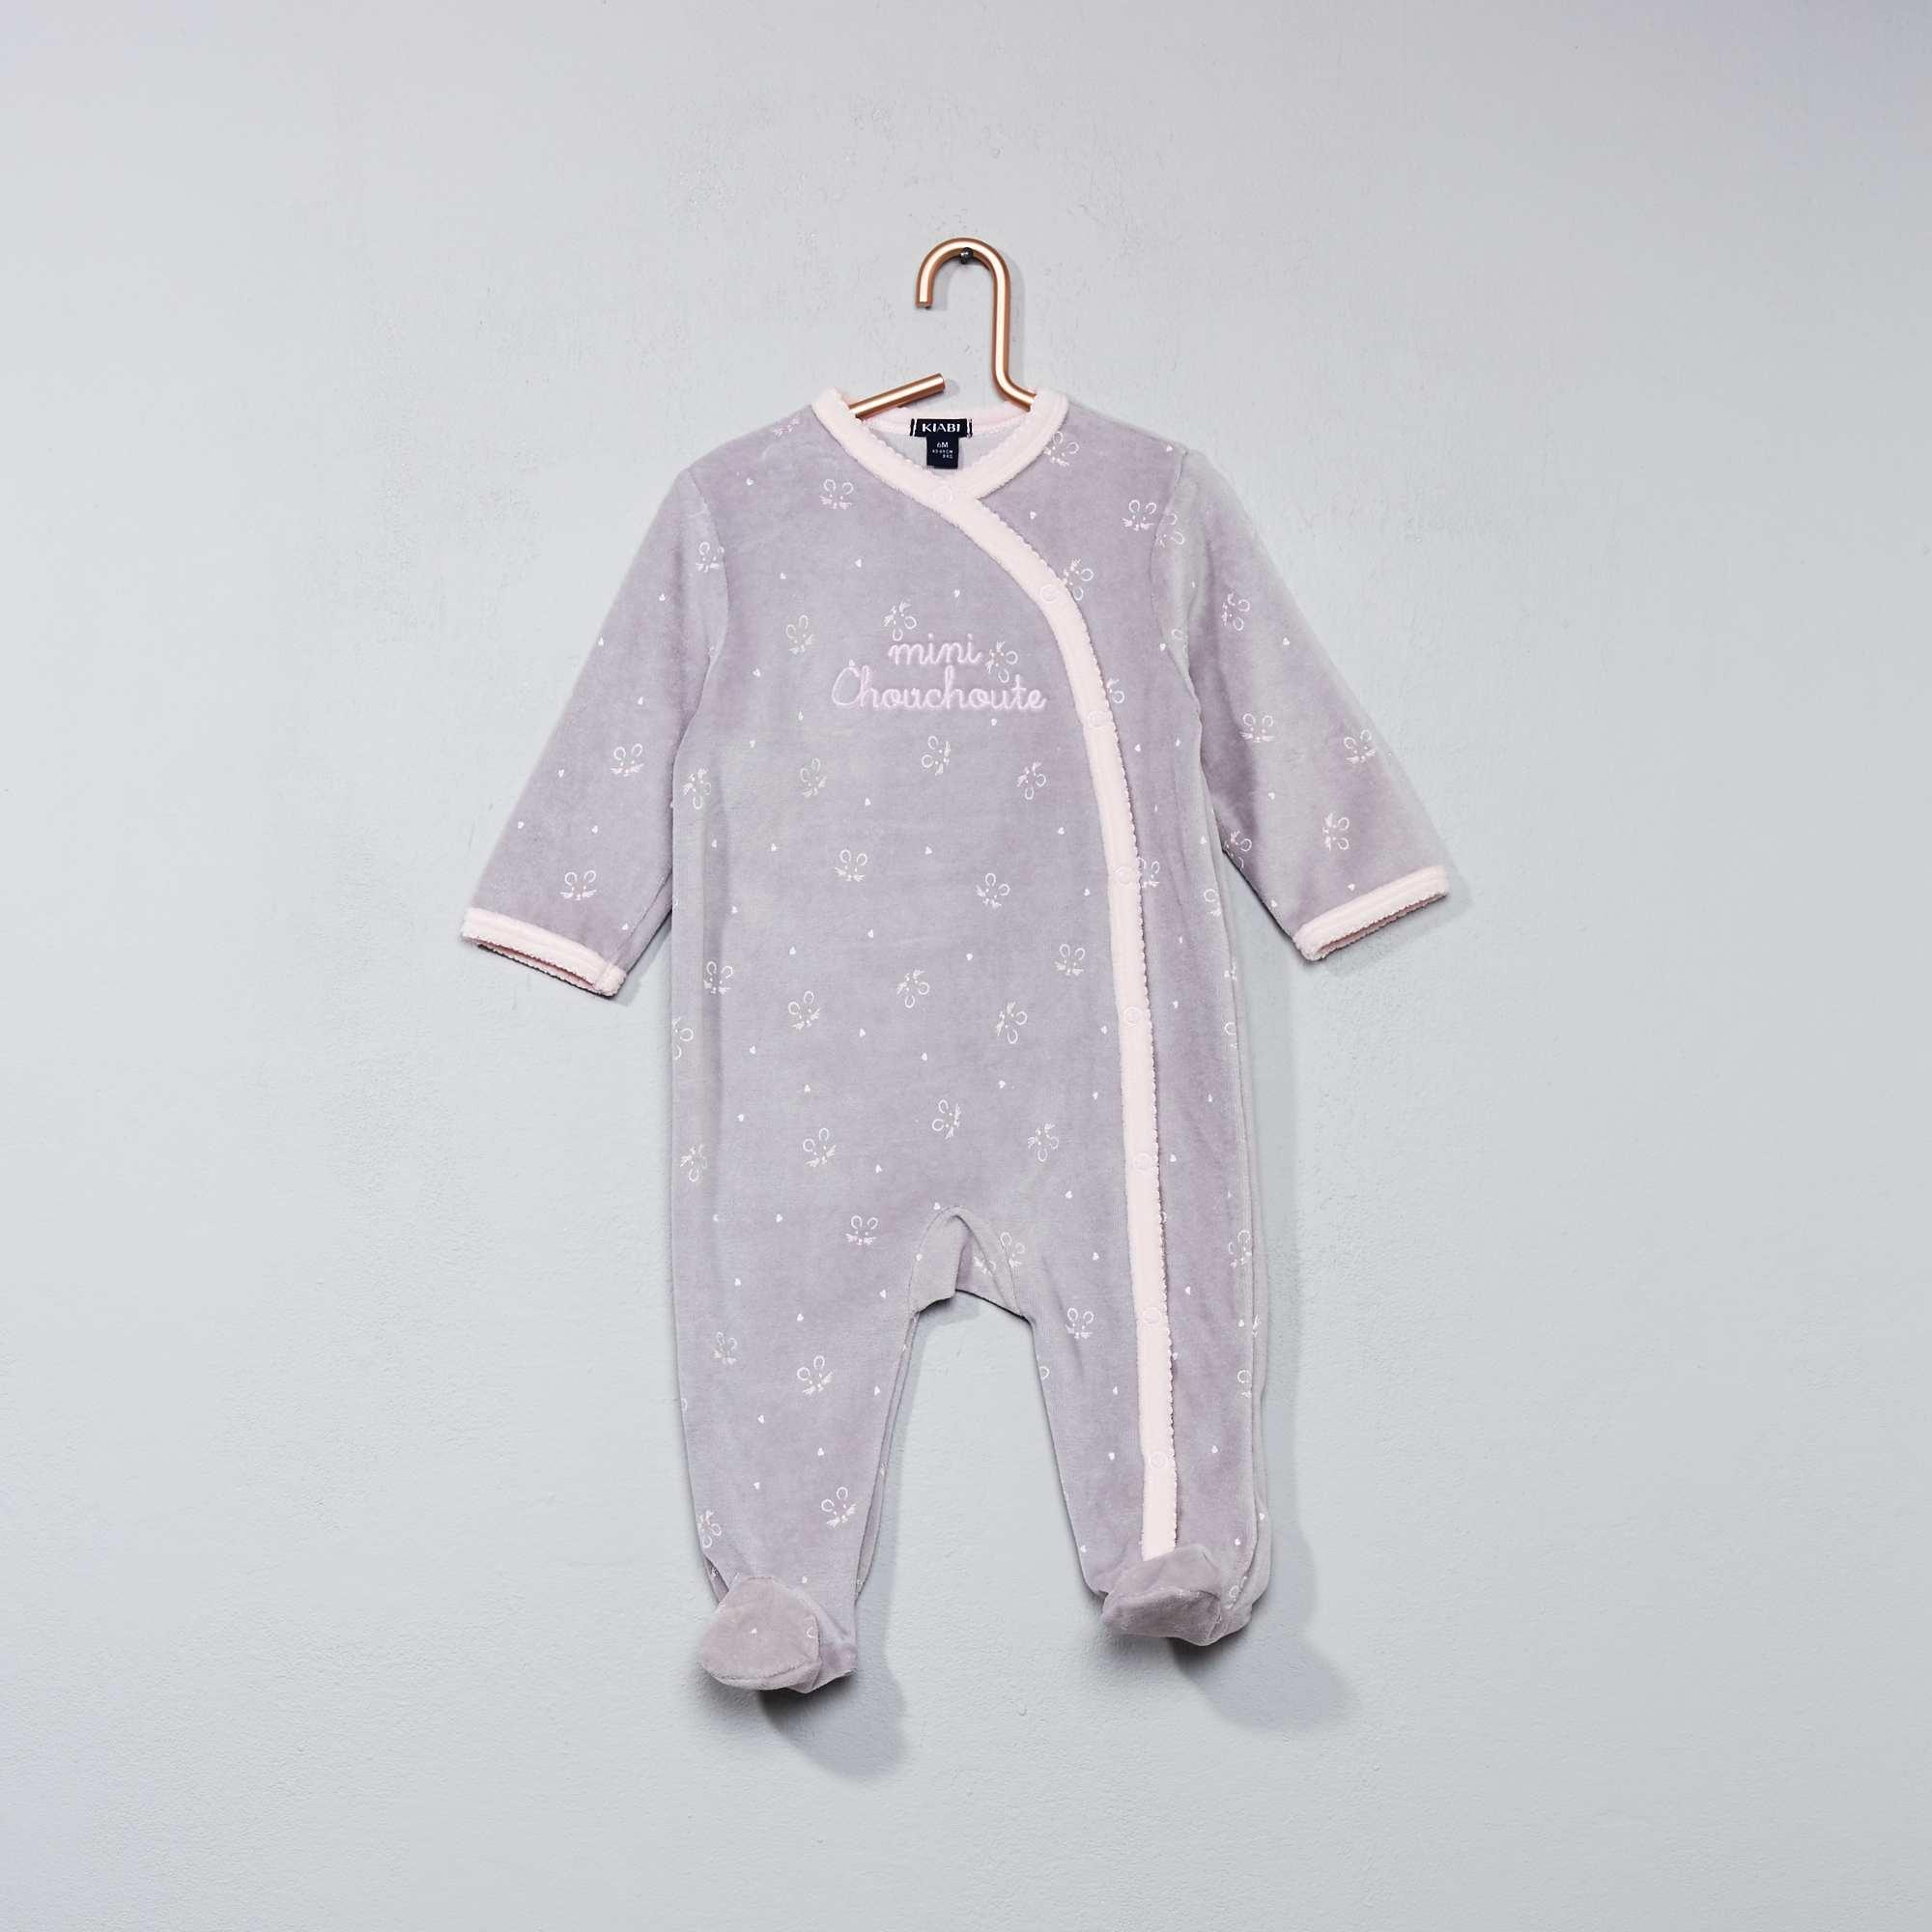 pyjama en velours imprim toile b b fille gris rose. Black Bedroom Furniture Sets. Home Design Ideas